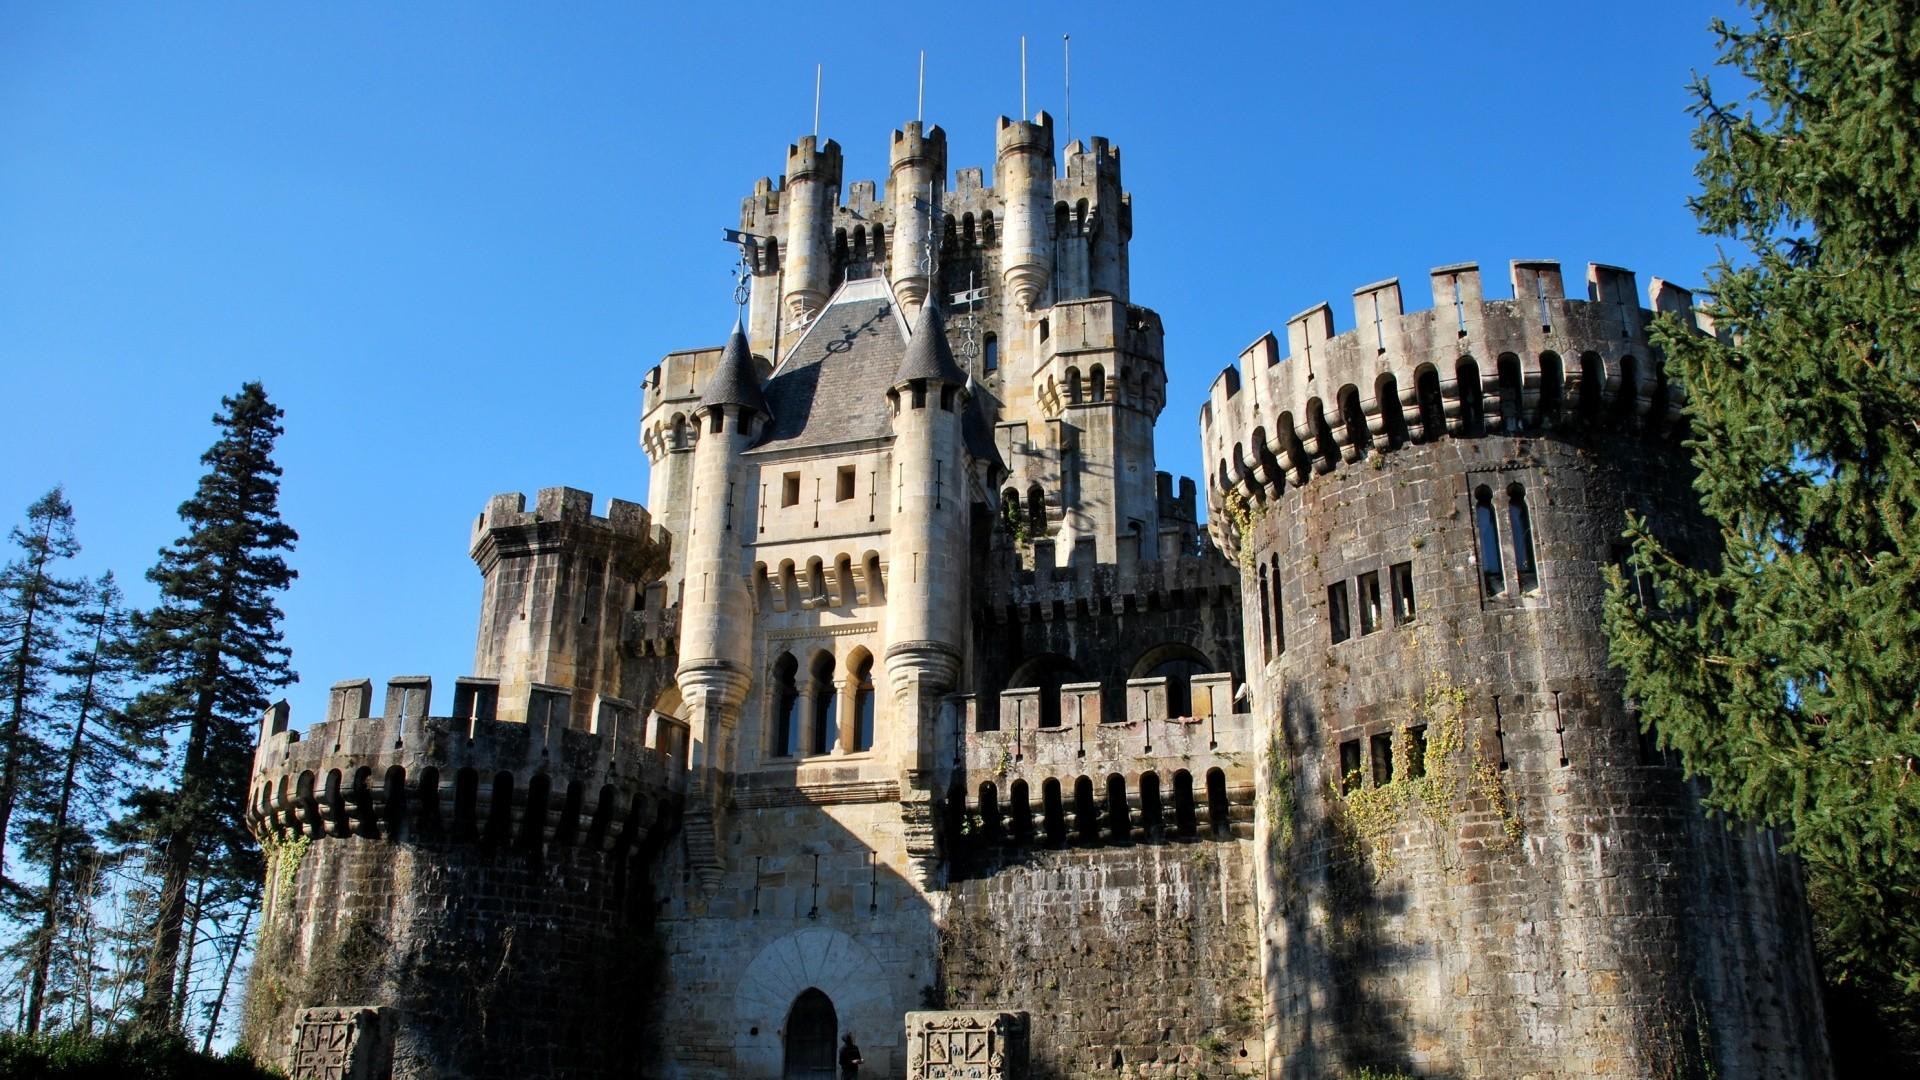 Castle hd wallpaper download